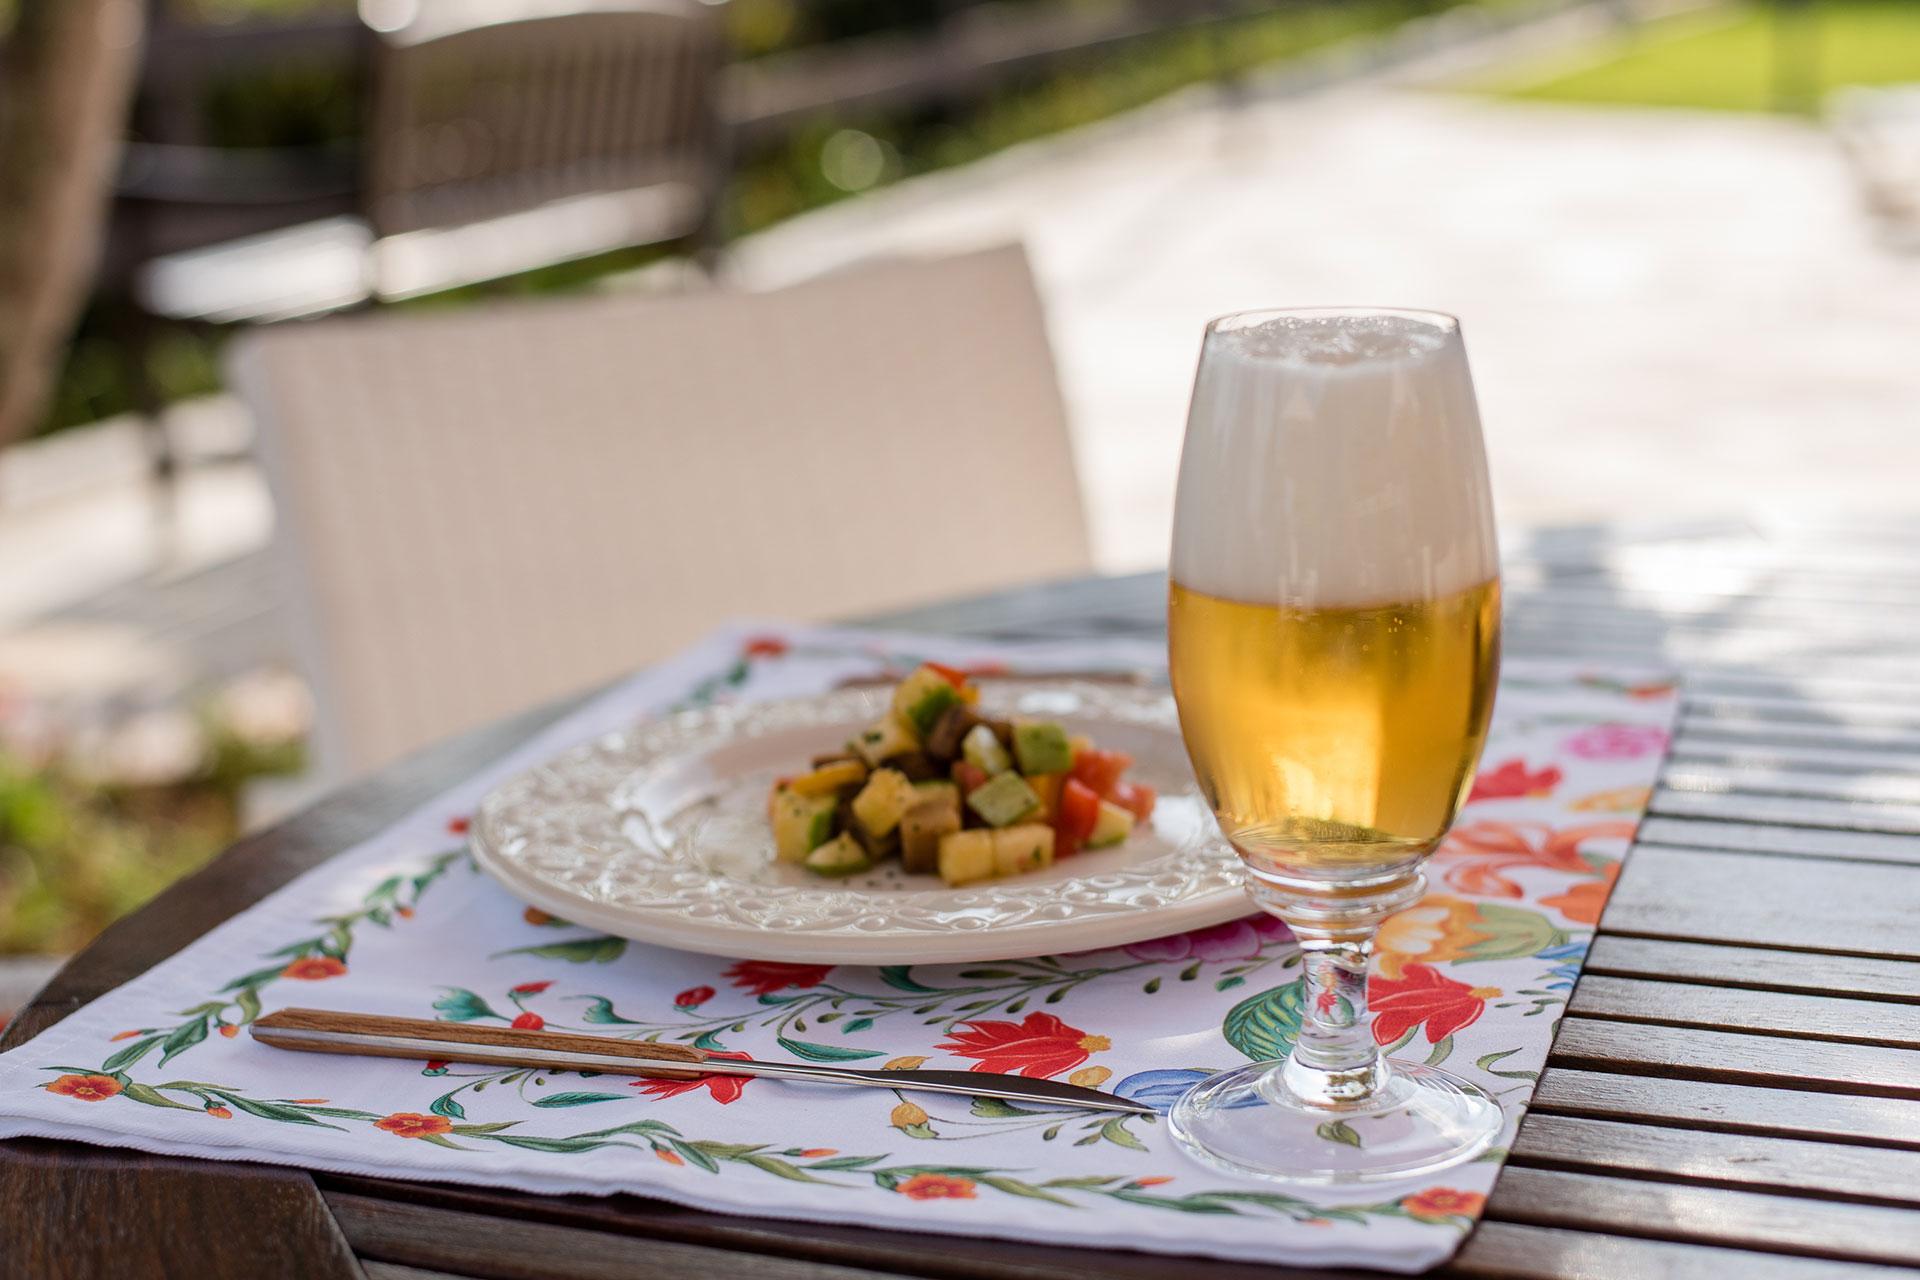 Imagem: A Pilsen é uma cerveja leve e de mesma intensidade do Ratatouille, fazendo a harmonização por semelhança. Foto: Karla Rudnick.